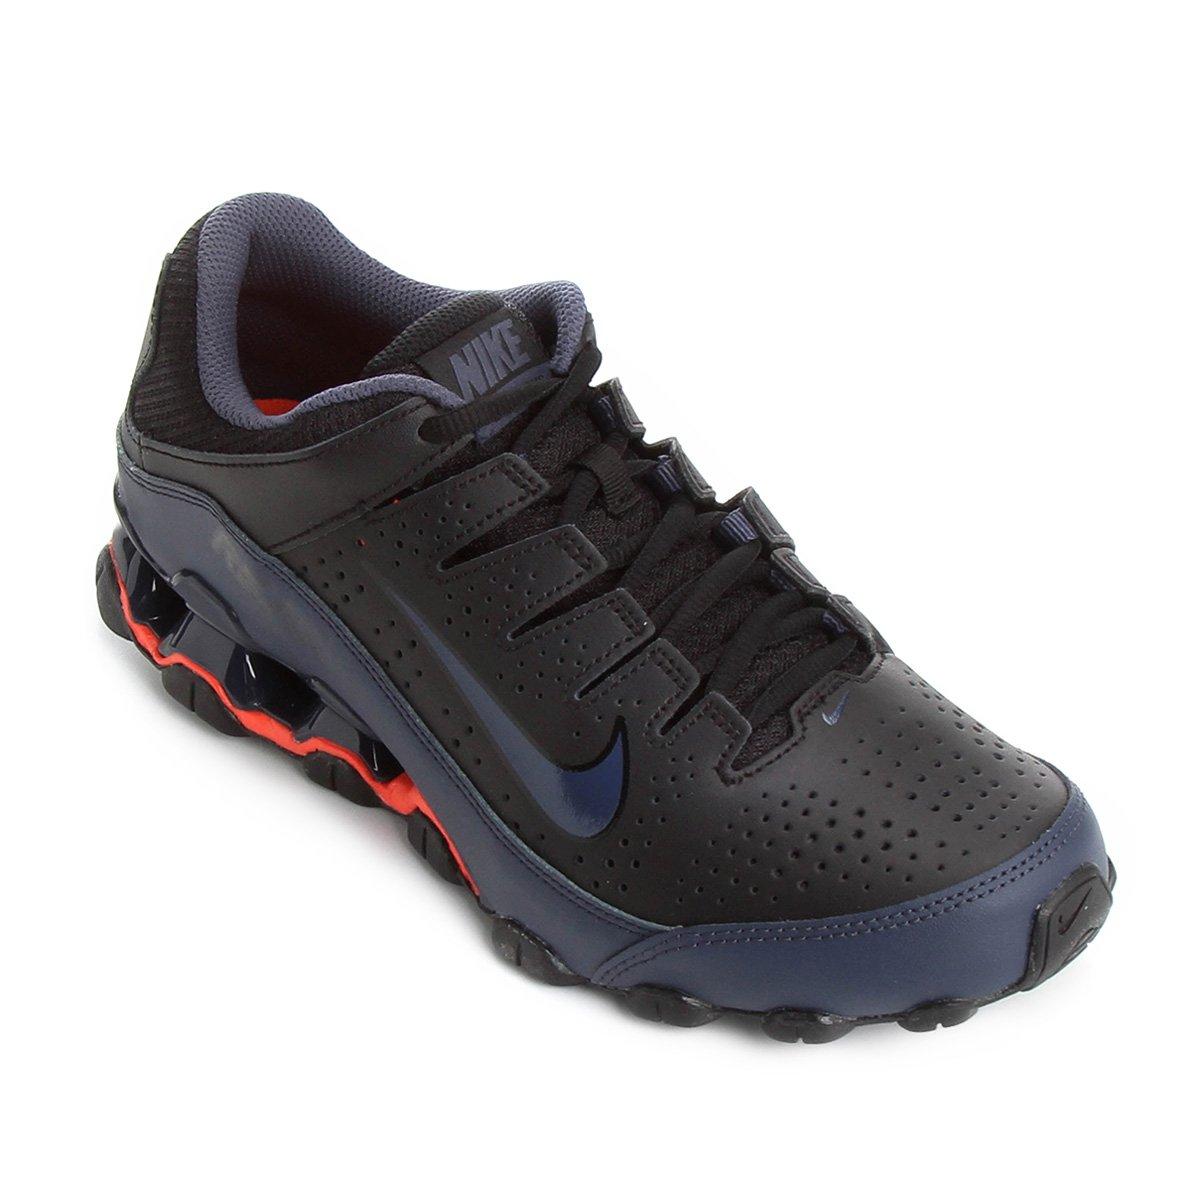 e5e6ad1bae1 Tênis Nike Reax 8 TR Masculino. undefined